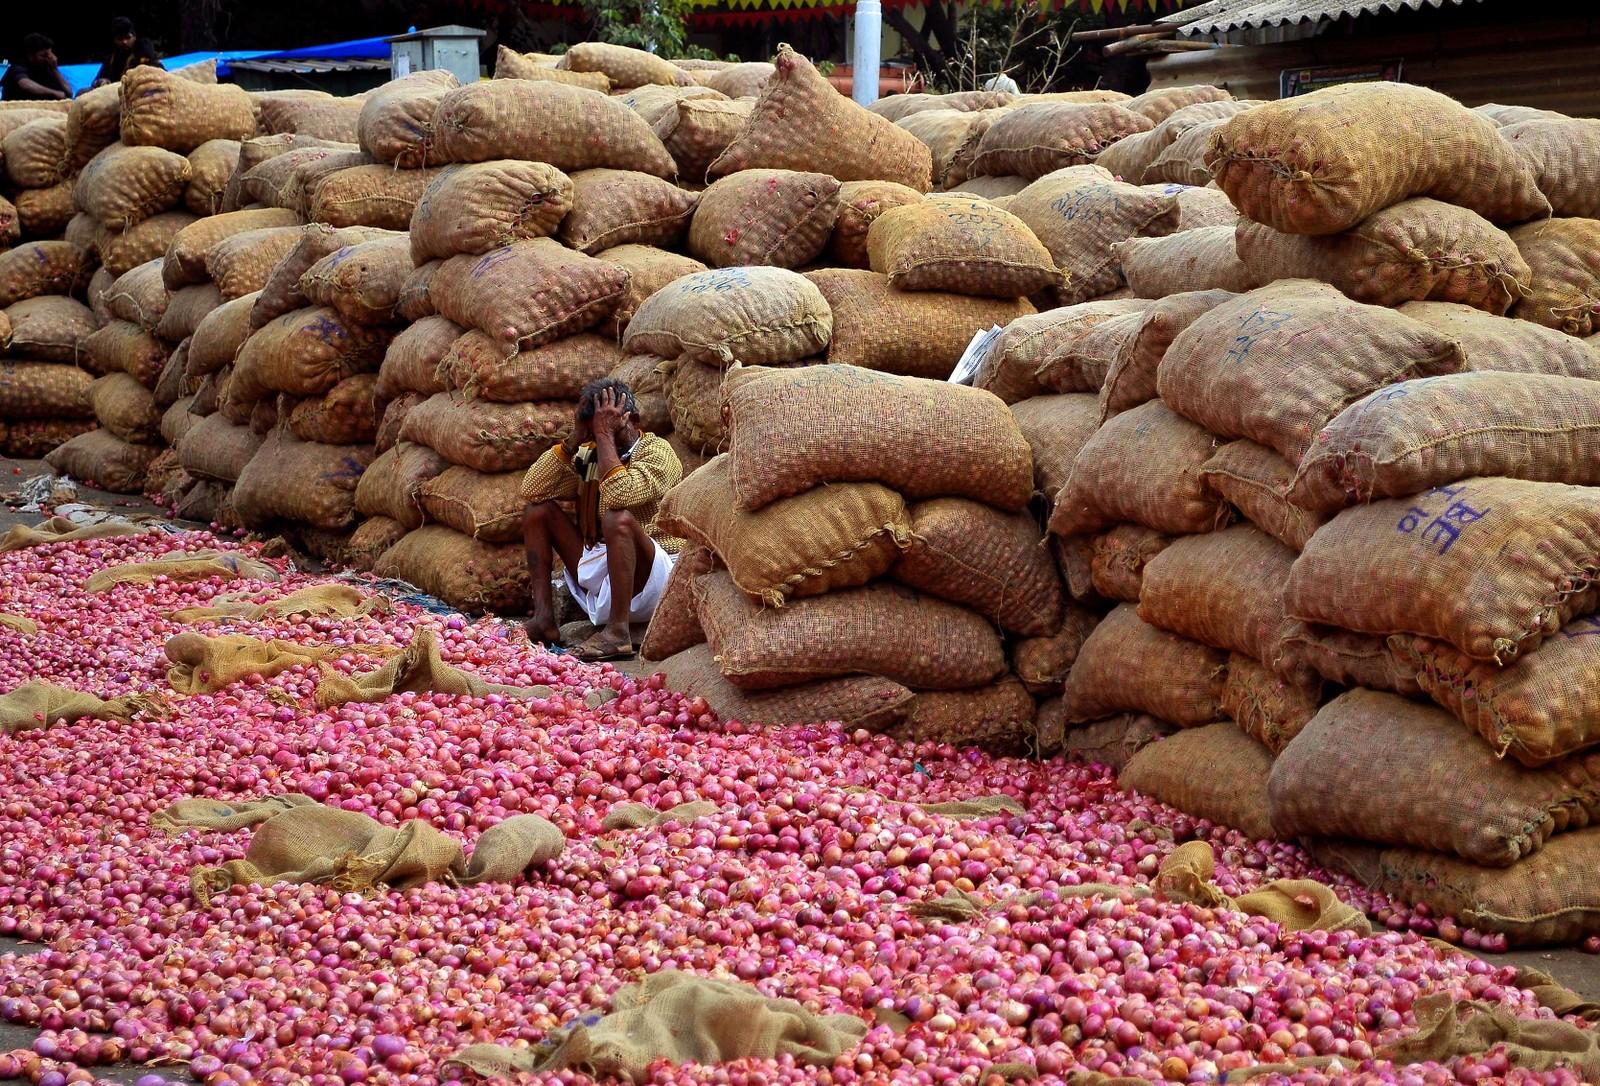 Han har mye løk, men kanskje ikke så mange kunder. Bildet er tatt i Bangalore i India.